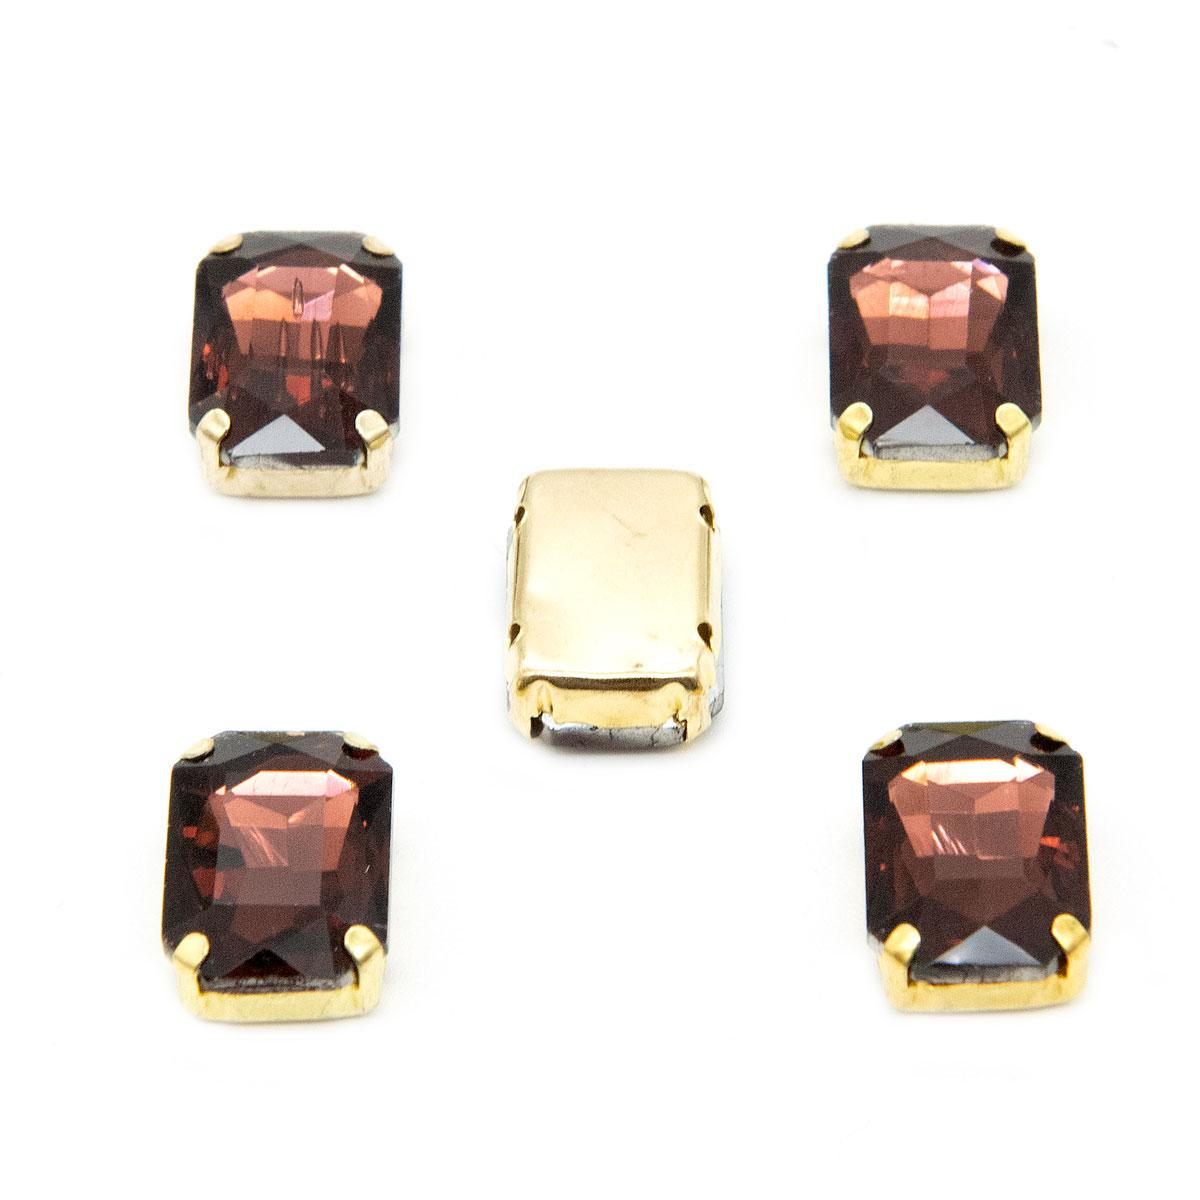 ПЦ004НН1014 Хрустальные стразы в цапах прямоугольные (золото) бургунди 10*14мм, 5шт/упак Астра